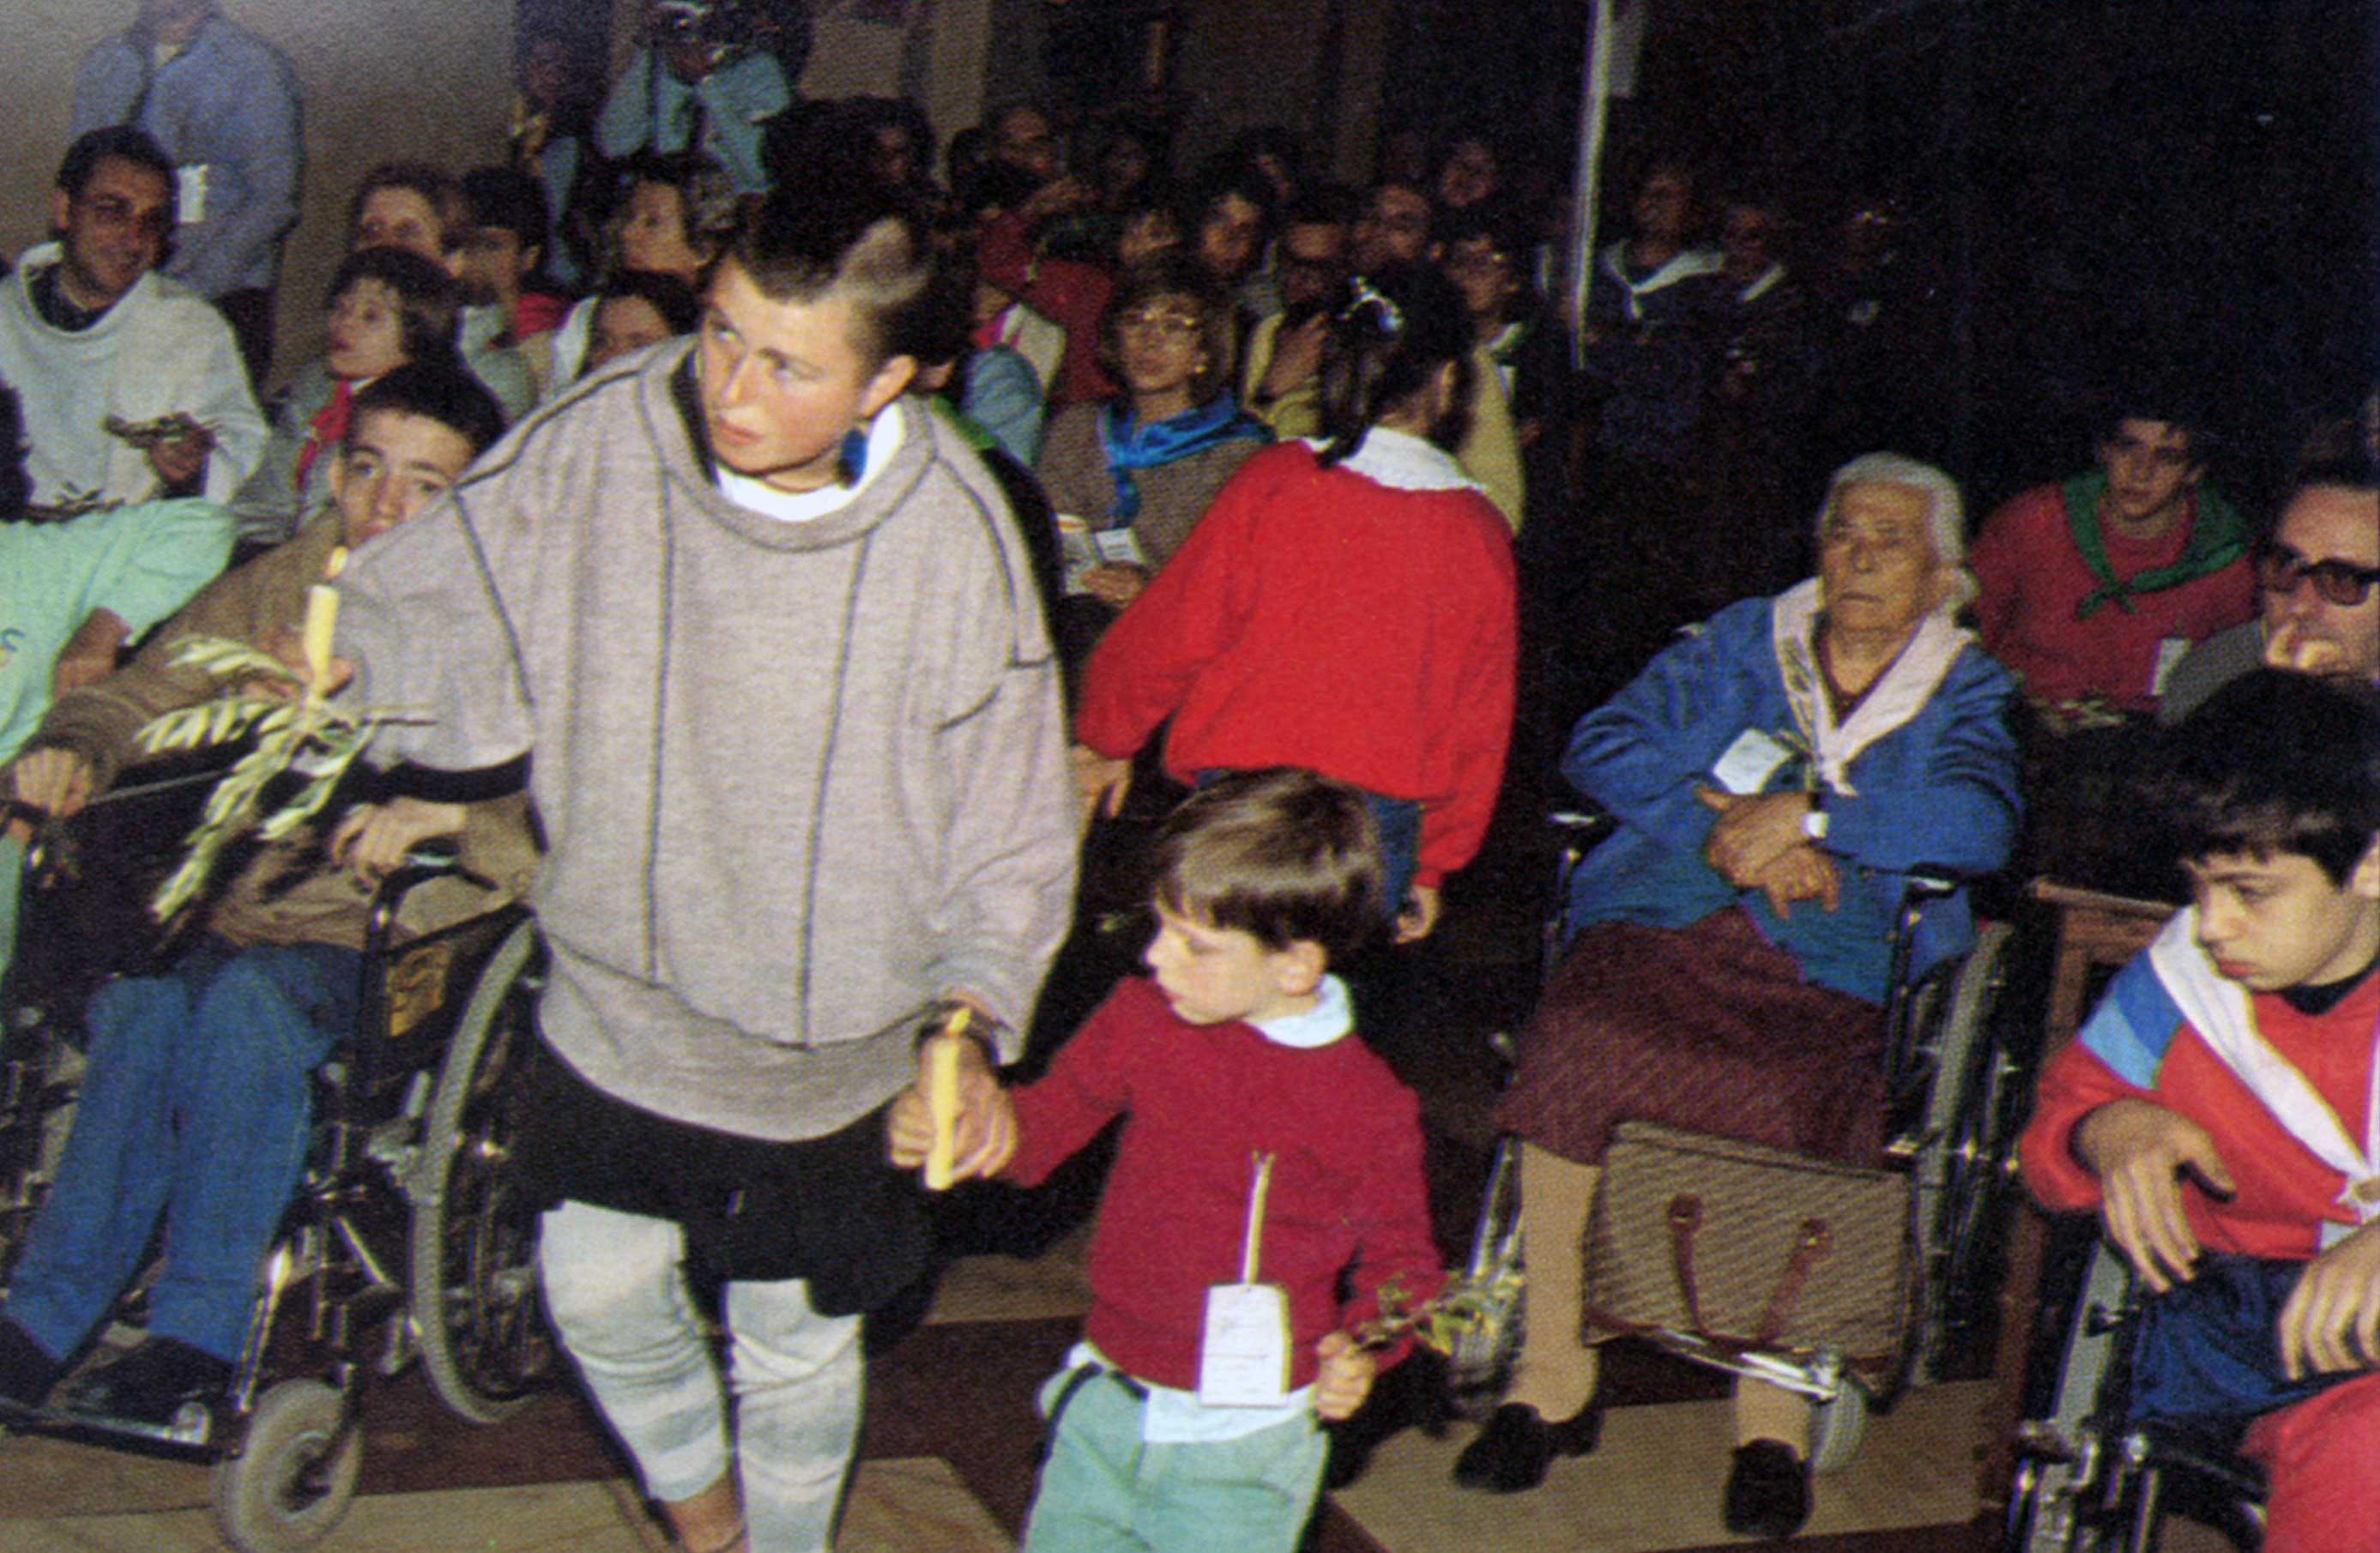 019 - Le foto del pellegrinaggio di Assisi 1986 - Ombre e Luci n.14, 1986